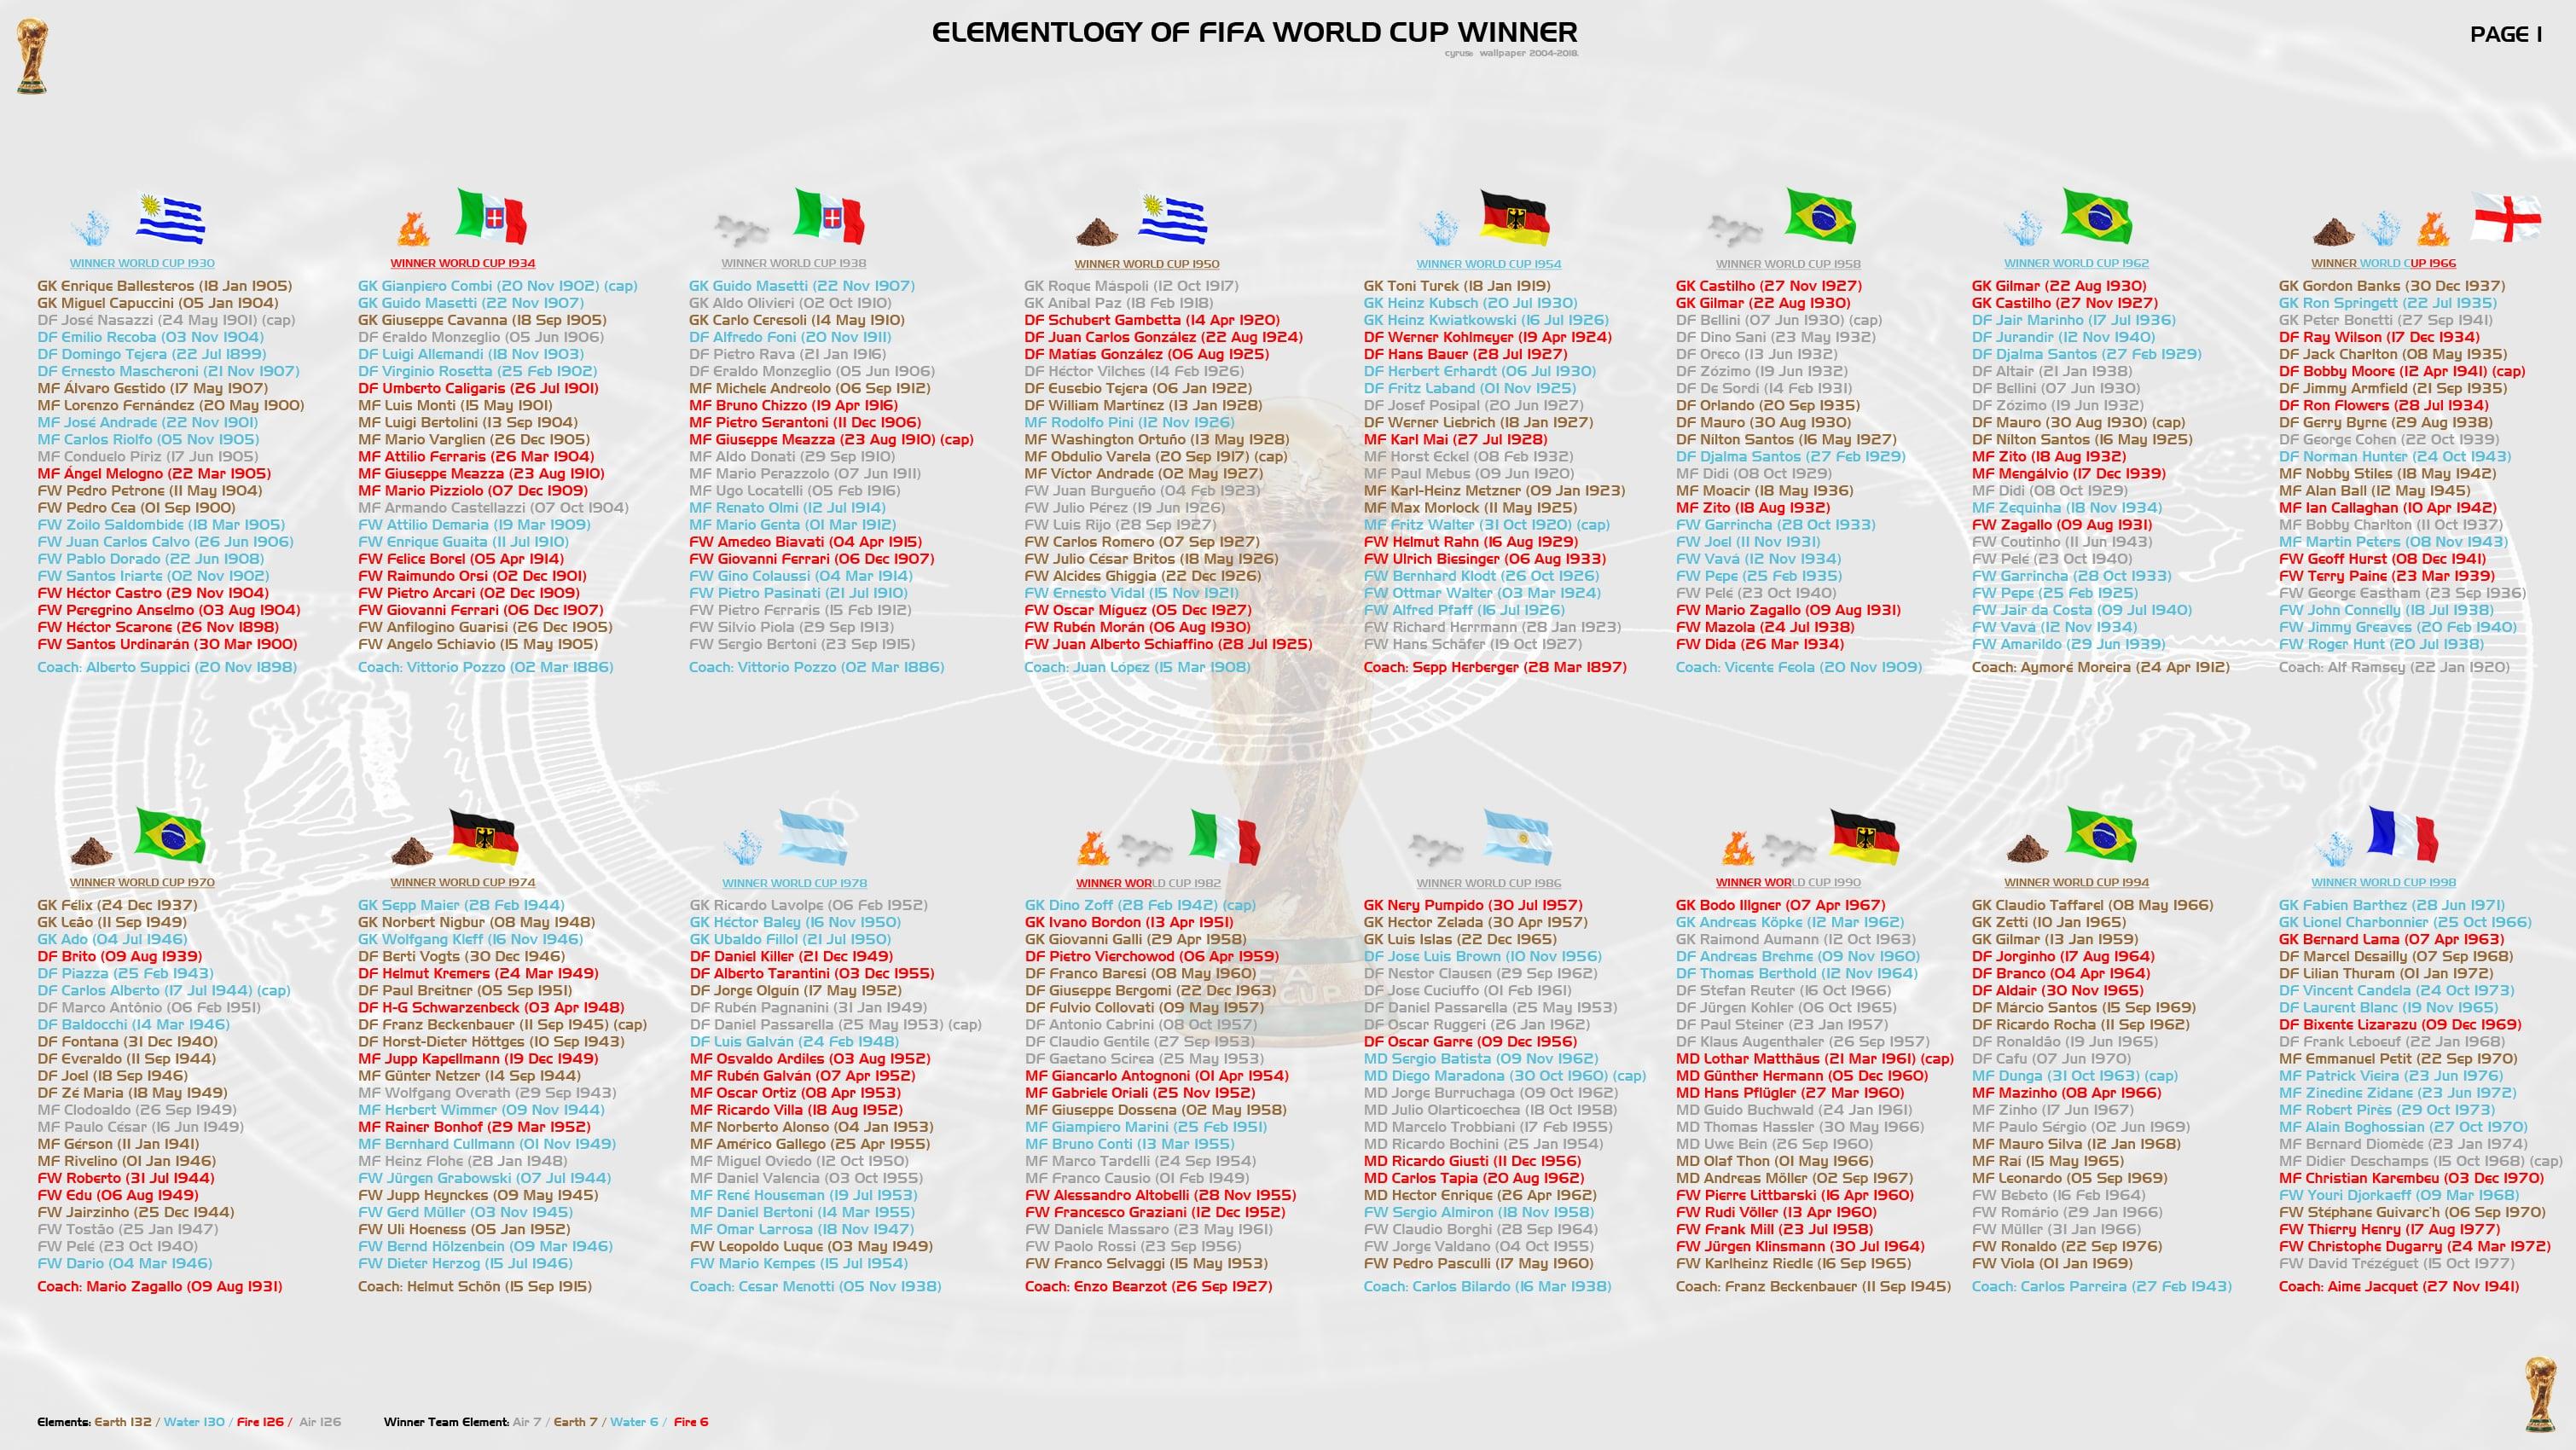 والپیپر عنصر شناسی تیم های قهرمان جام جهانی فوتبال